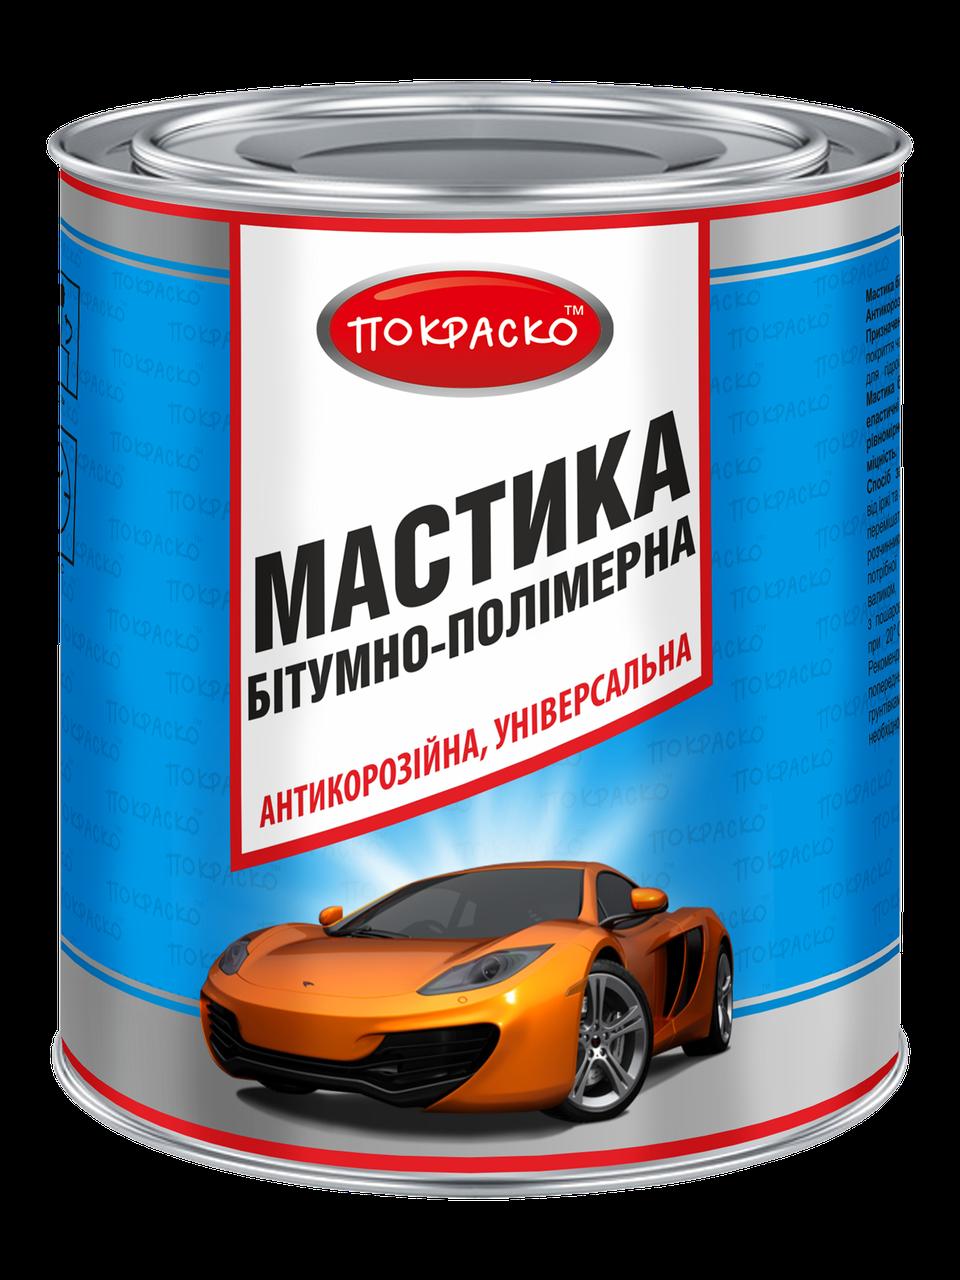 Мастика битумно-полимерная 3л (2,4кг) Покраско